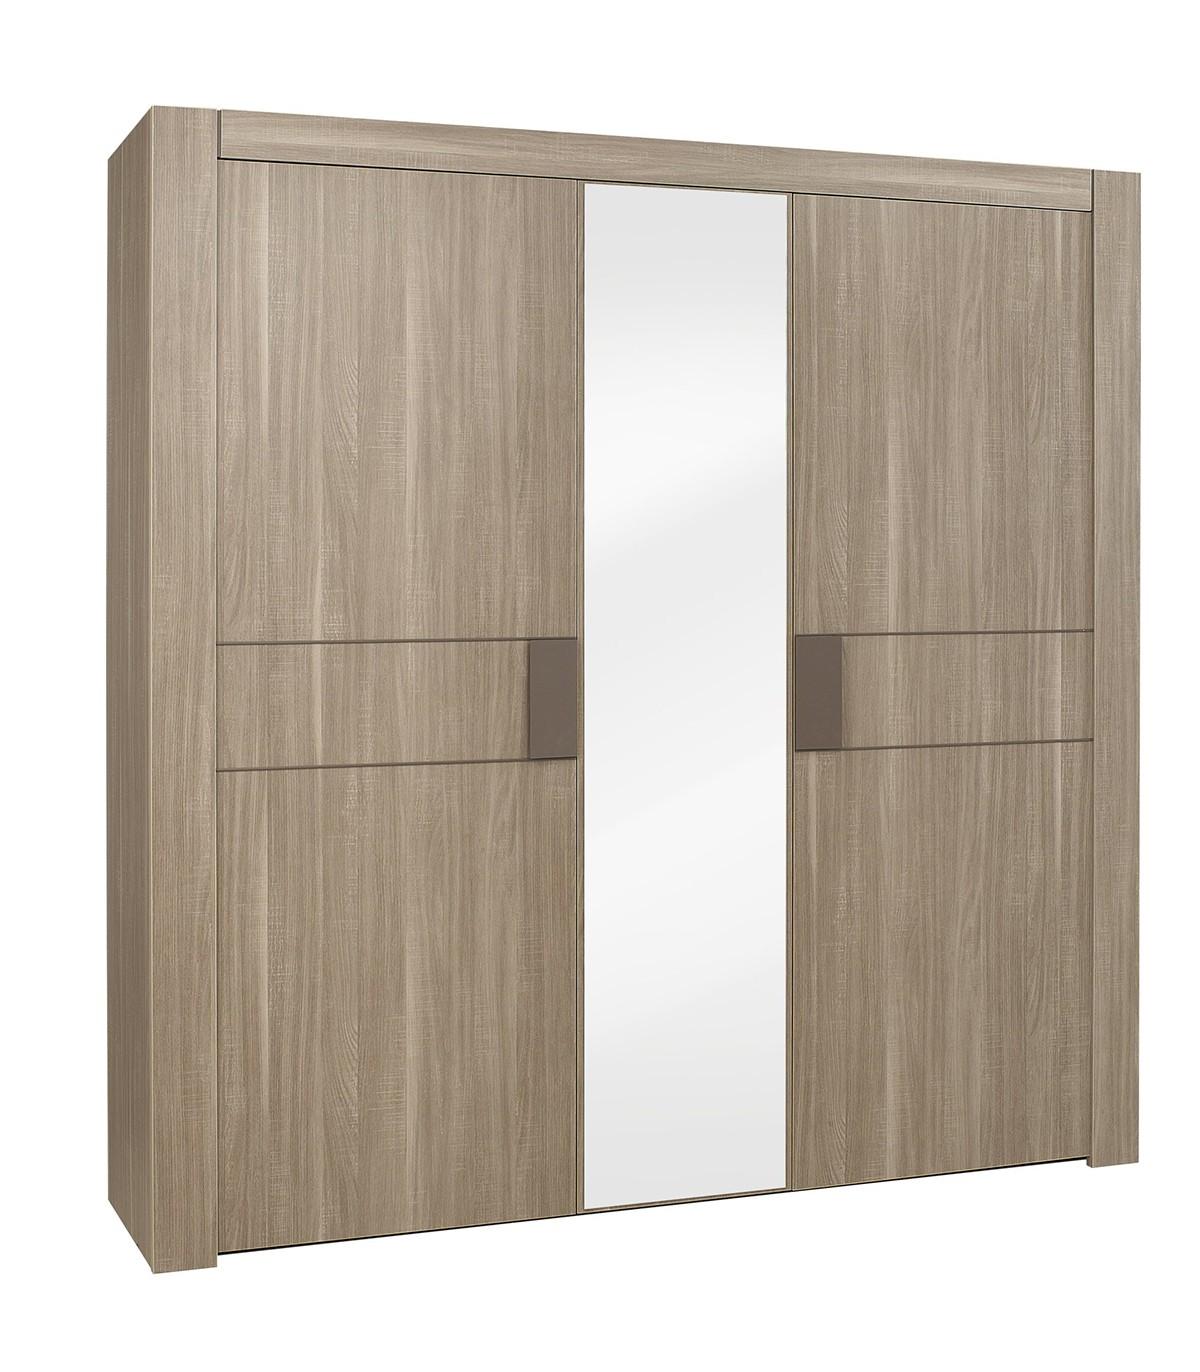 Armoire 3 portes avec miroir central - Marron